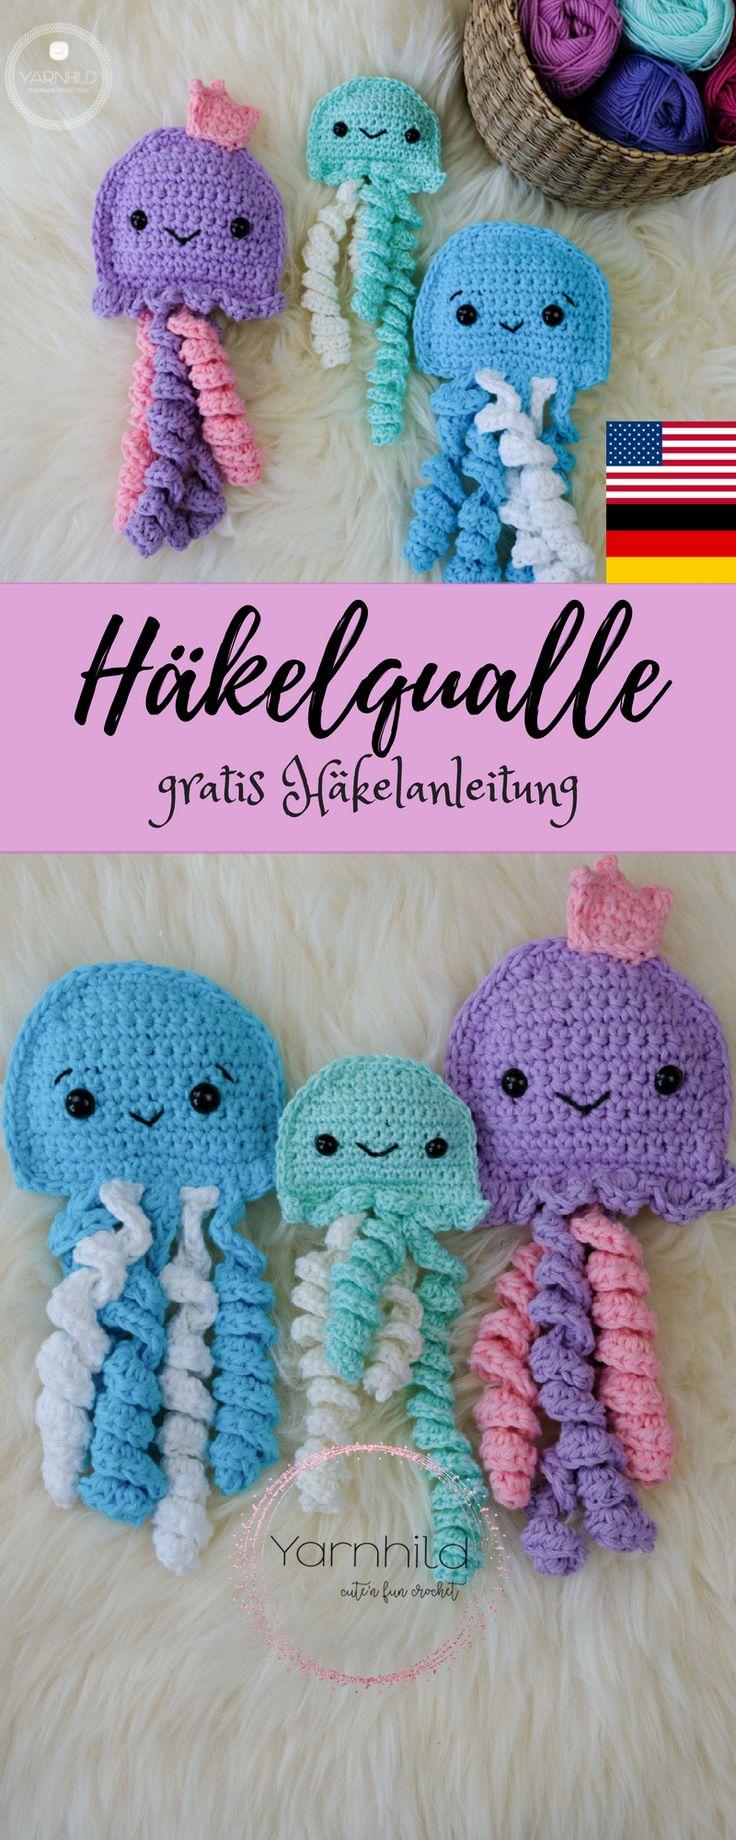 Häkelqualle – kostenlose Häkelanleitung von – Yarnhild-Lovely crochet design